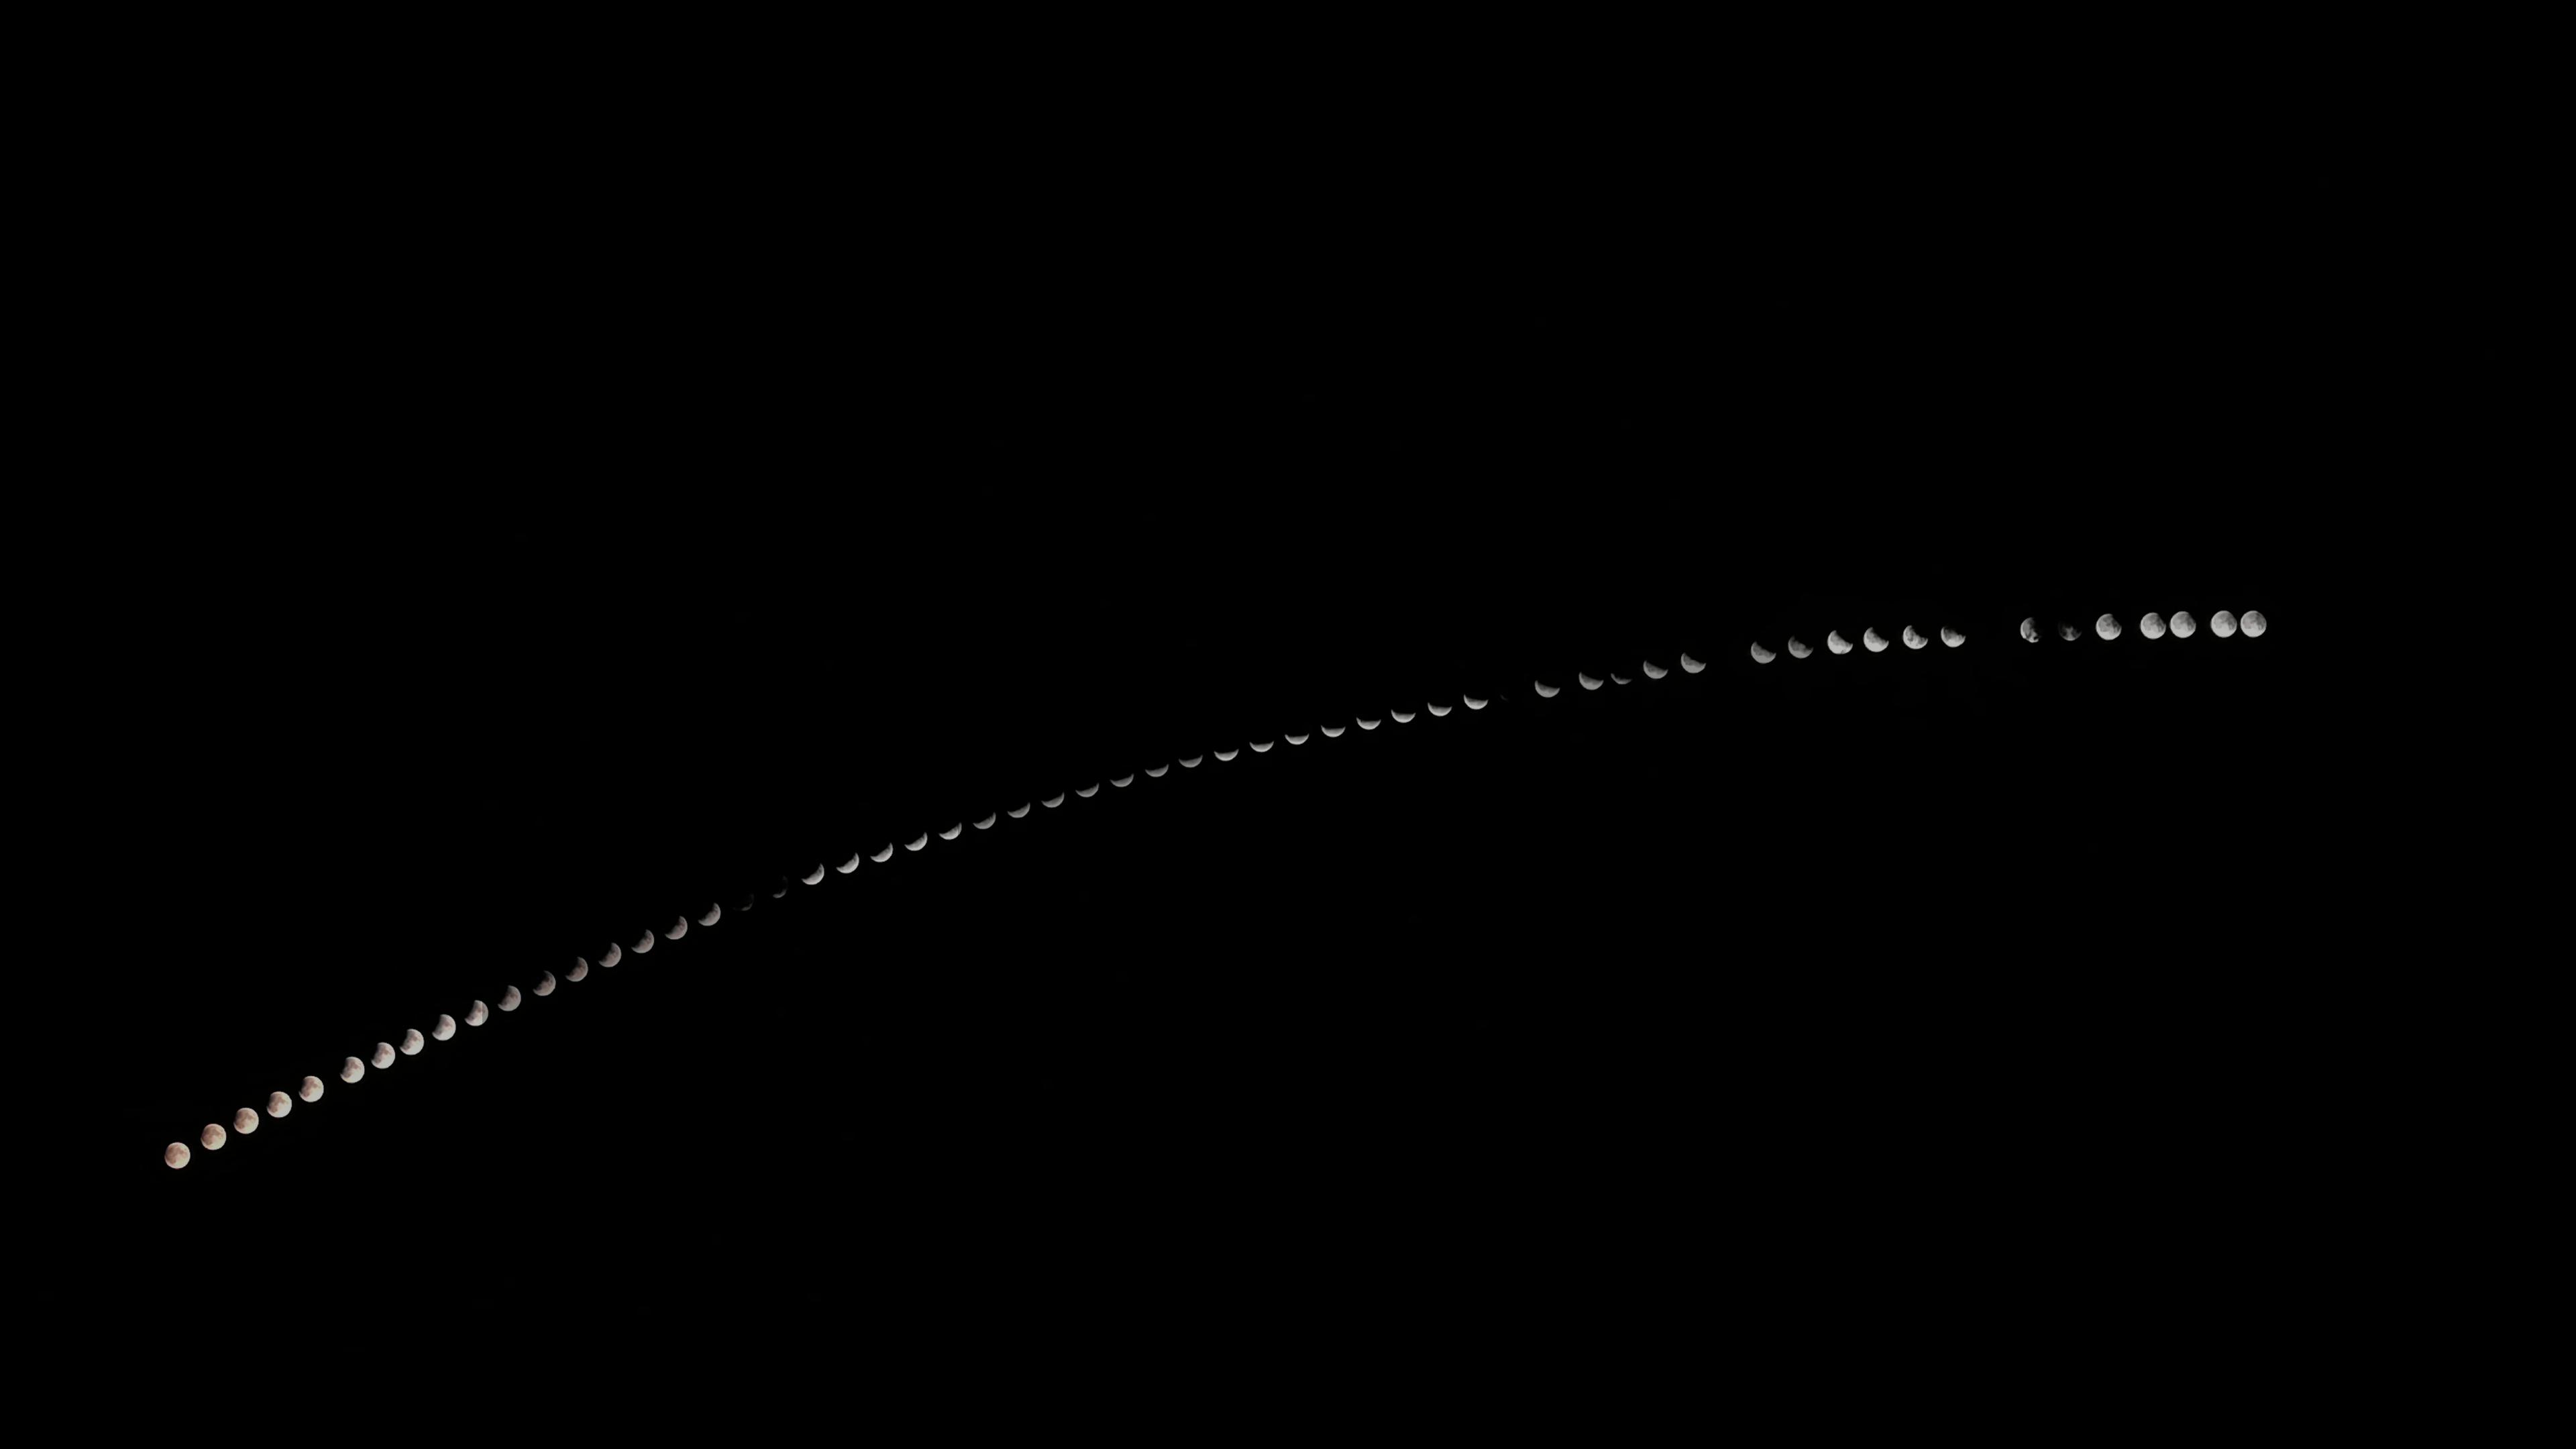 Balázs Gábor Huawei Mate 10 Lite fotója, GIMP segítségével összeillesztve